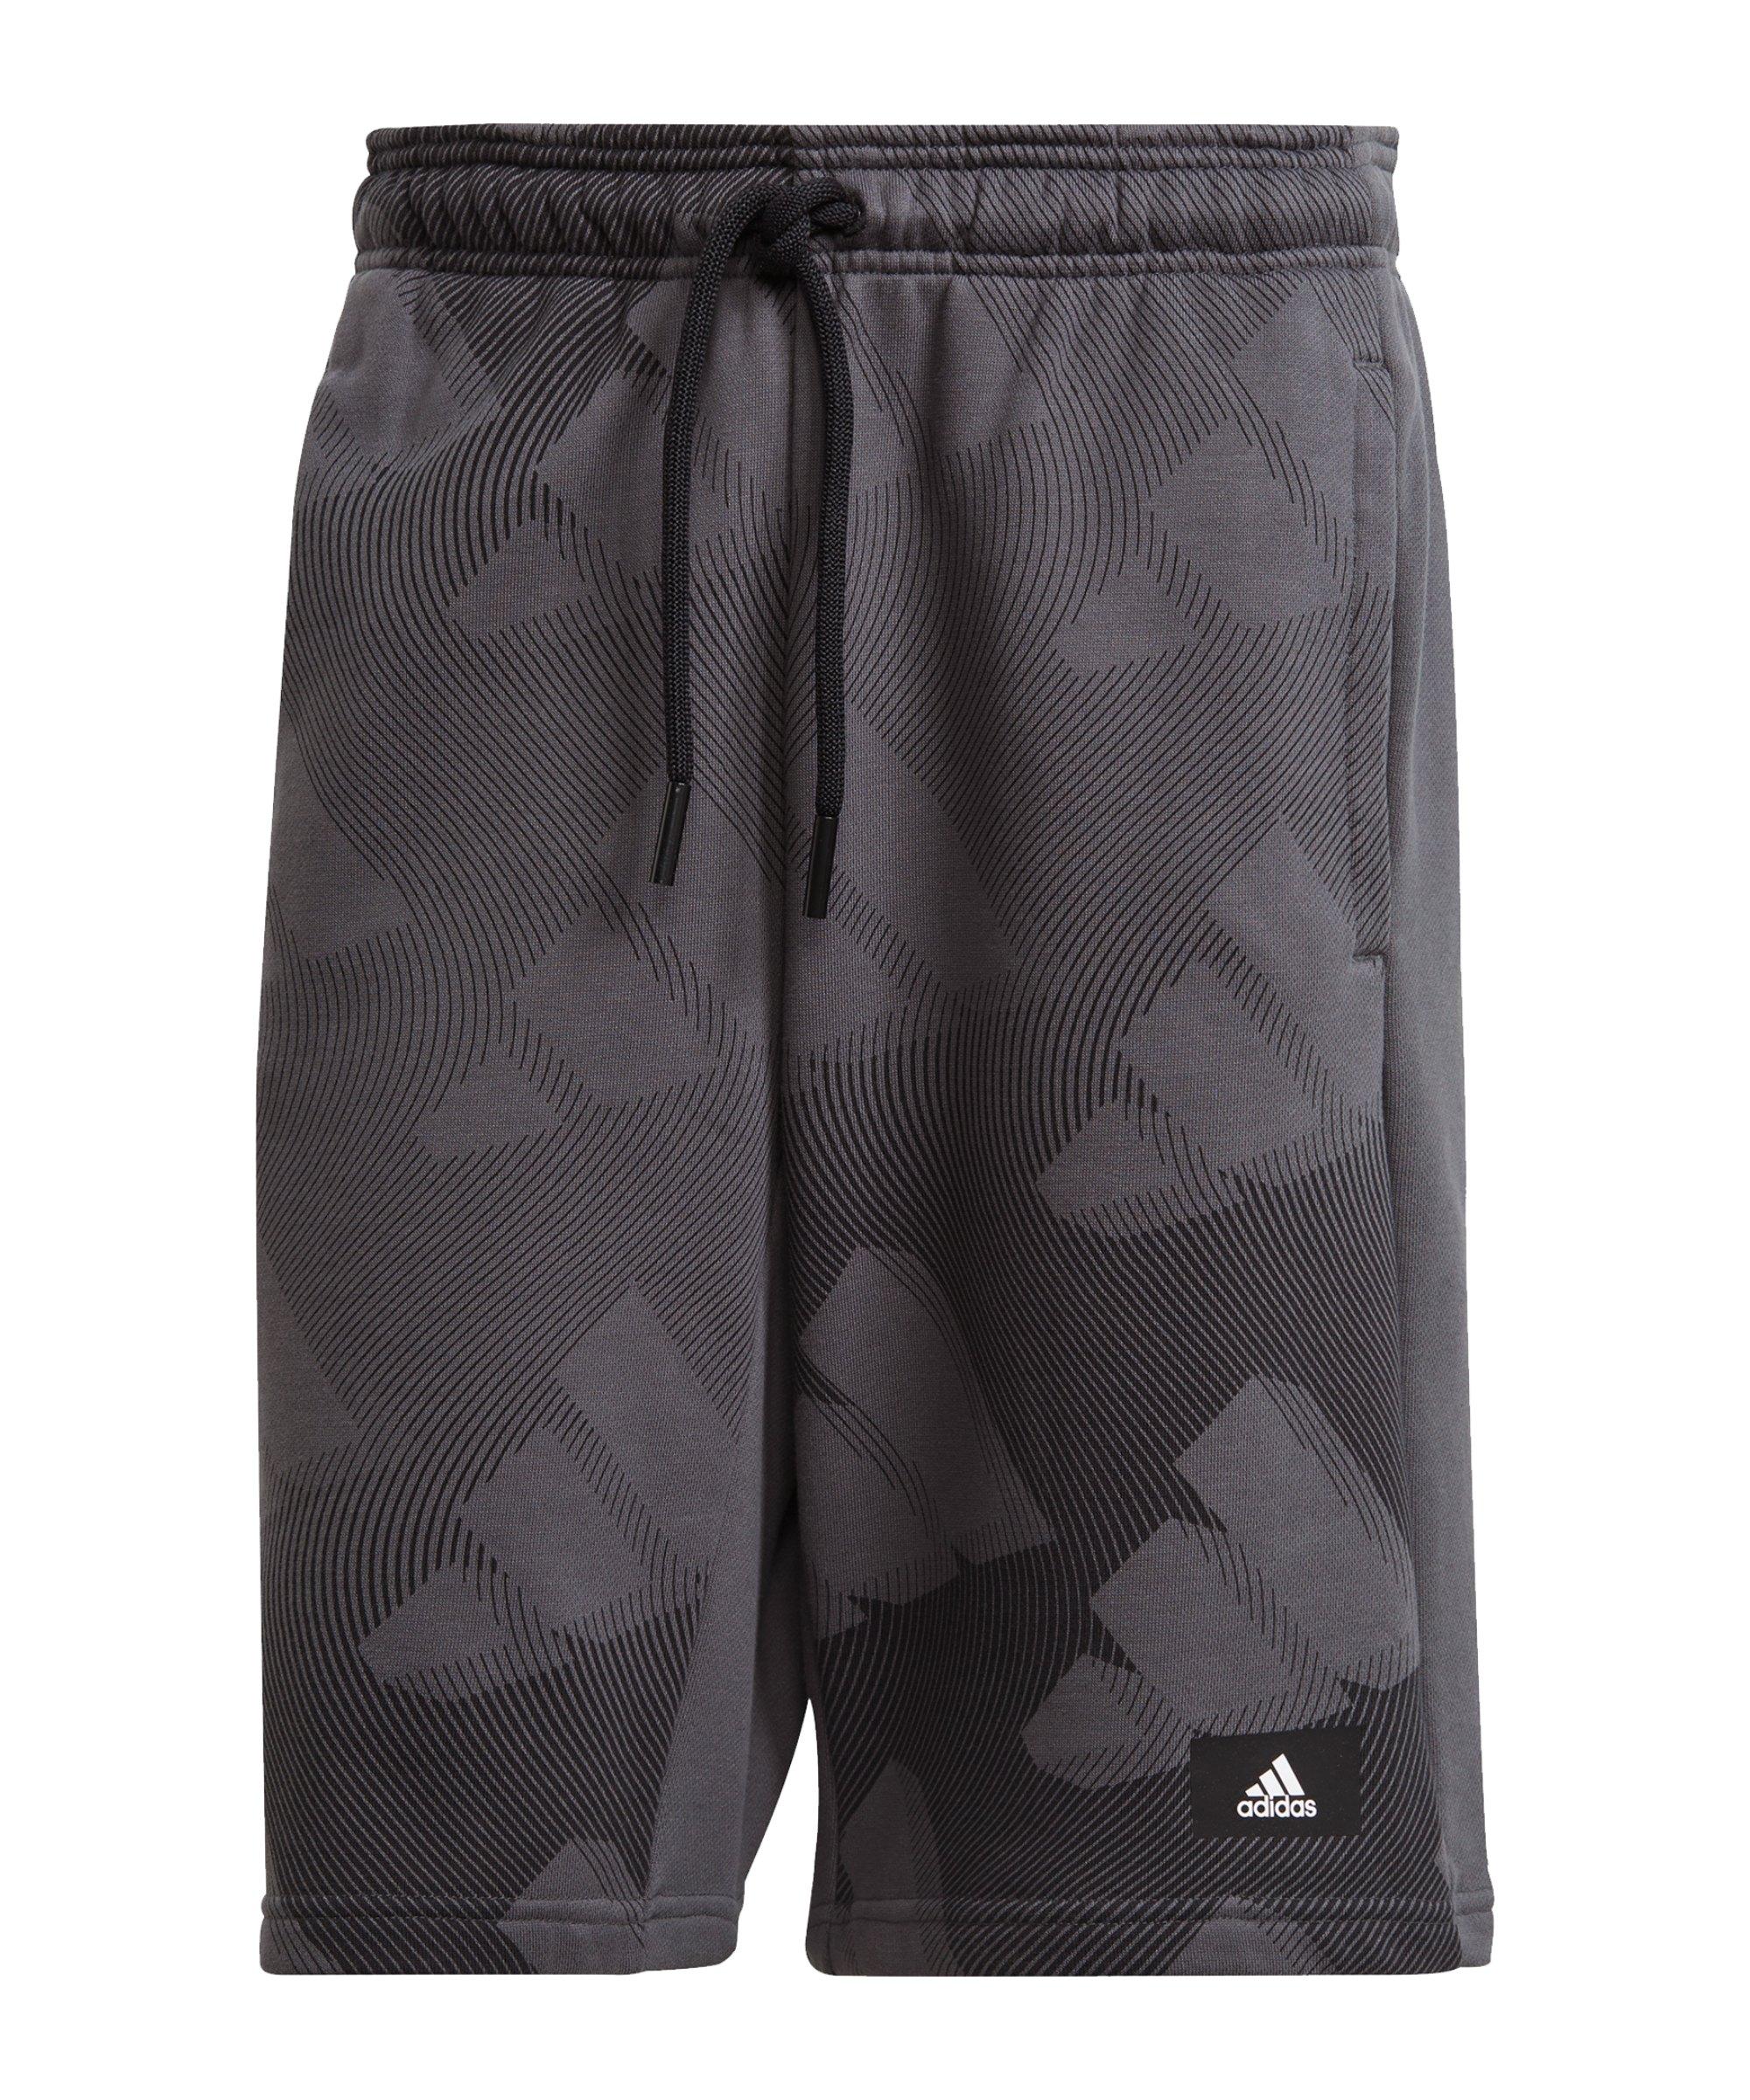 adidas GFX Short Grau Schwarz - grau